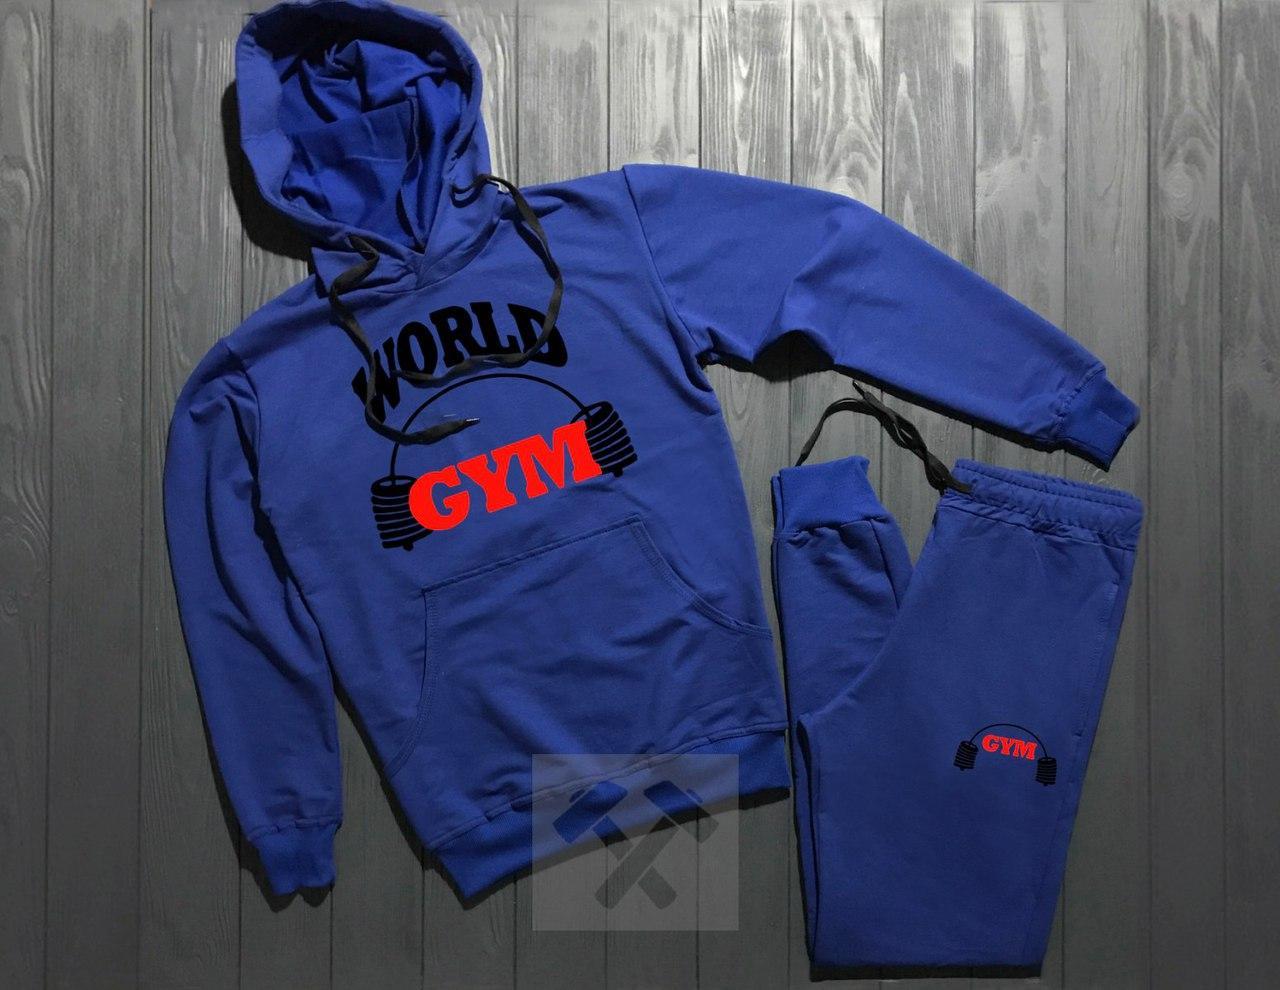 Весенний костюм спортивный World Gym синий топ реплика